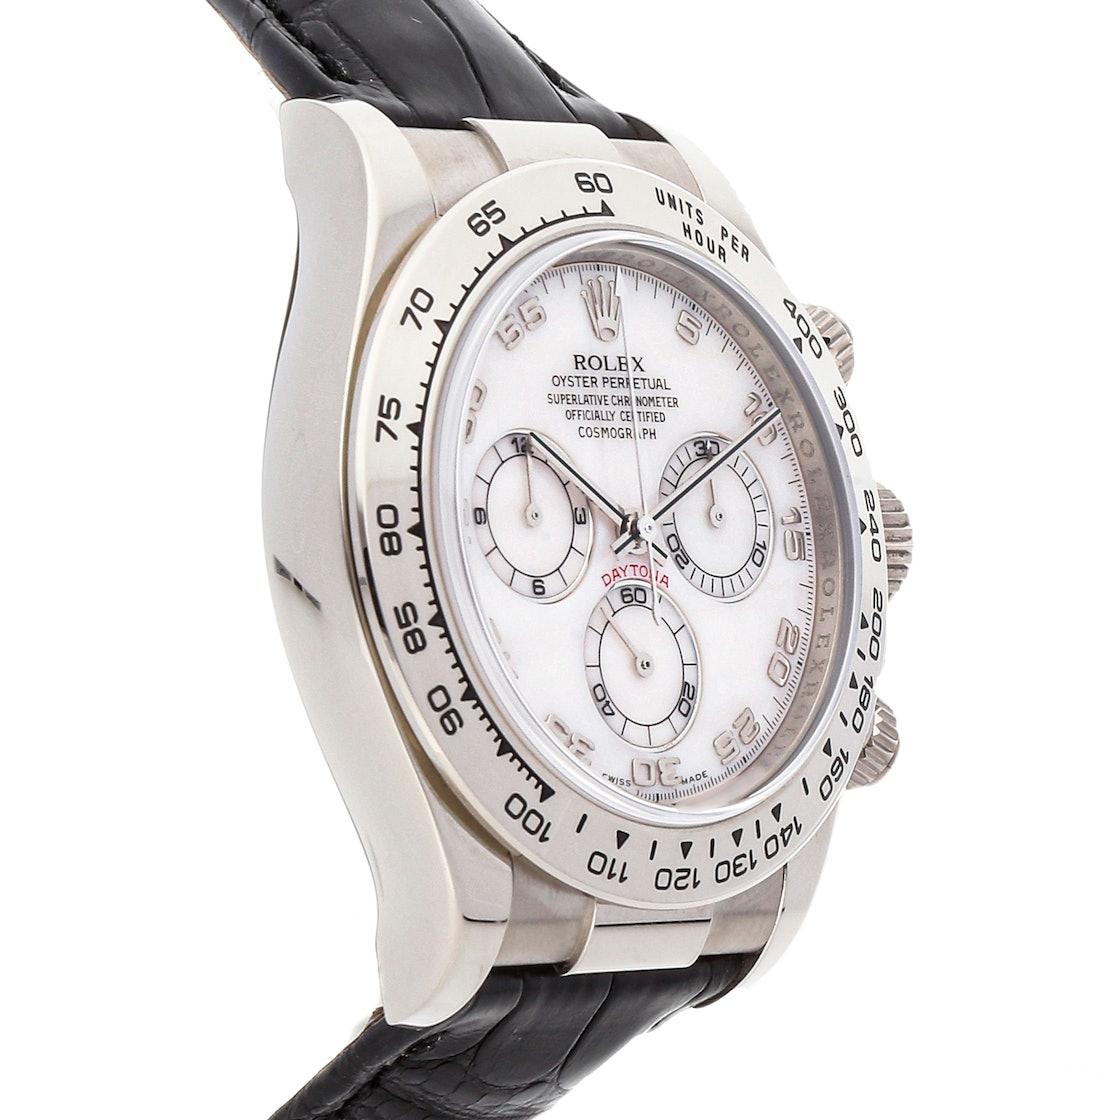 Rolex Daytona 11651